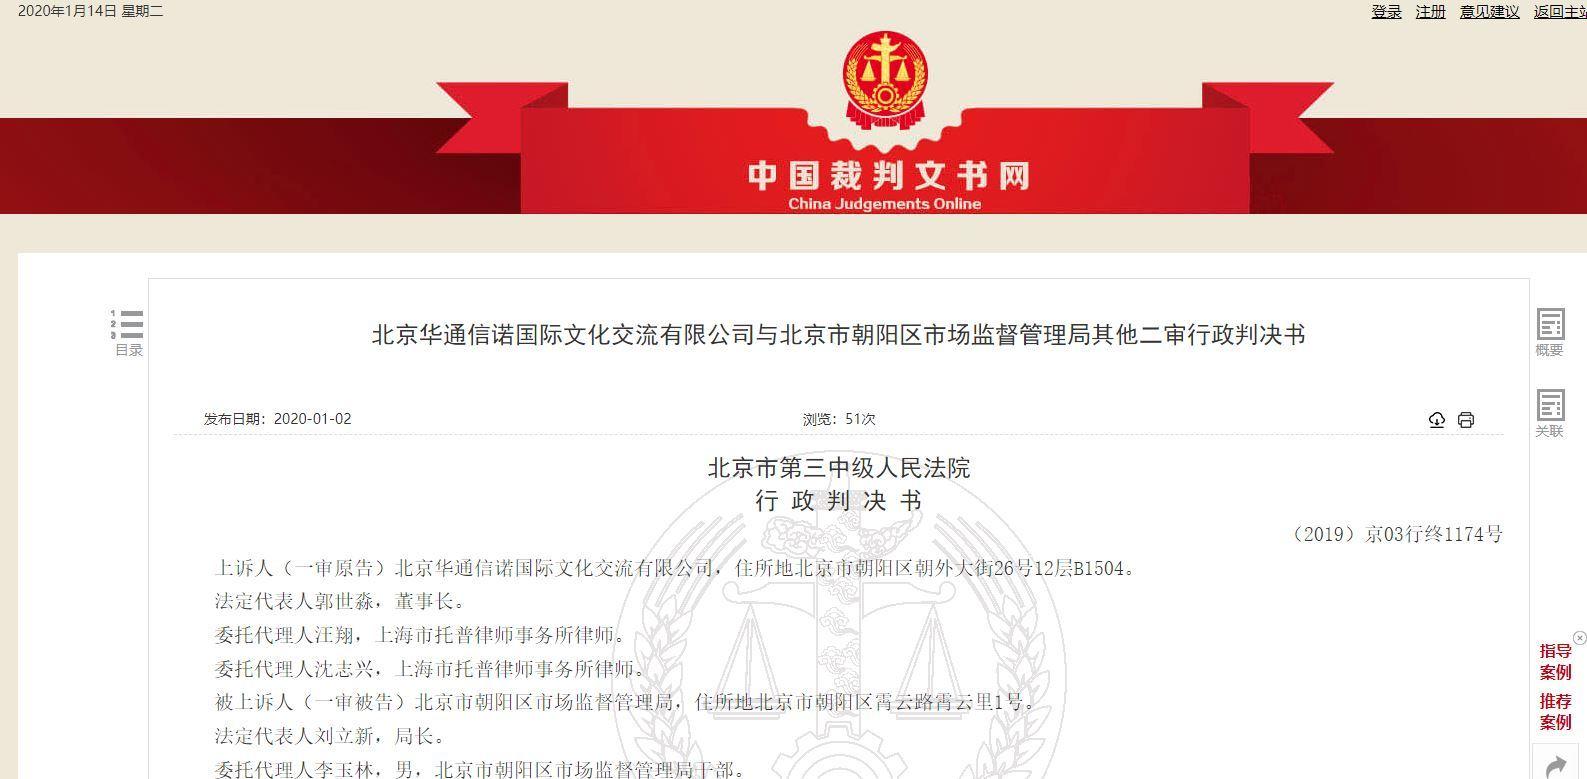 华通信诺因虚假广告被罚20万元 诉至法院请求撤销未获支持